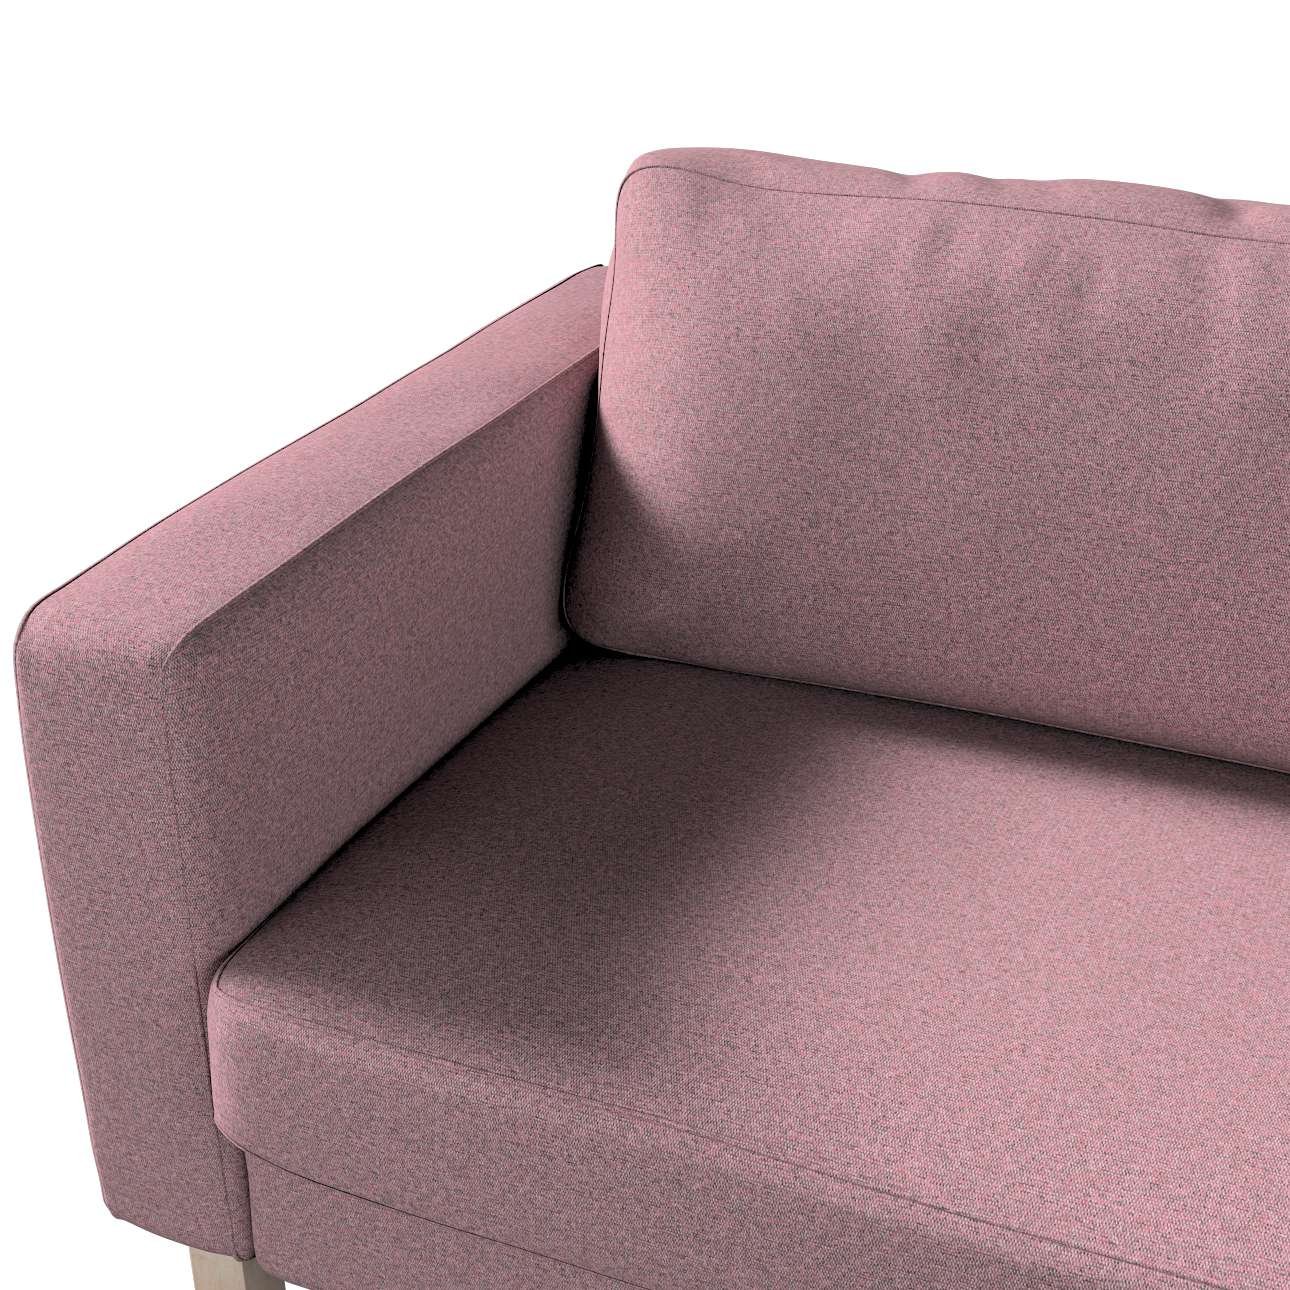 Karlstad klädsel<br>3-pers. soffa - kort - 204cm i kollektionen Amsterdam, Tyg: 704-48